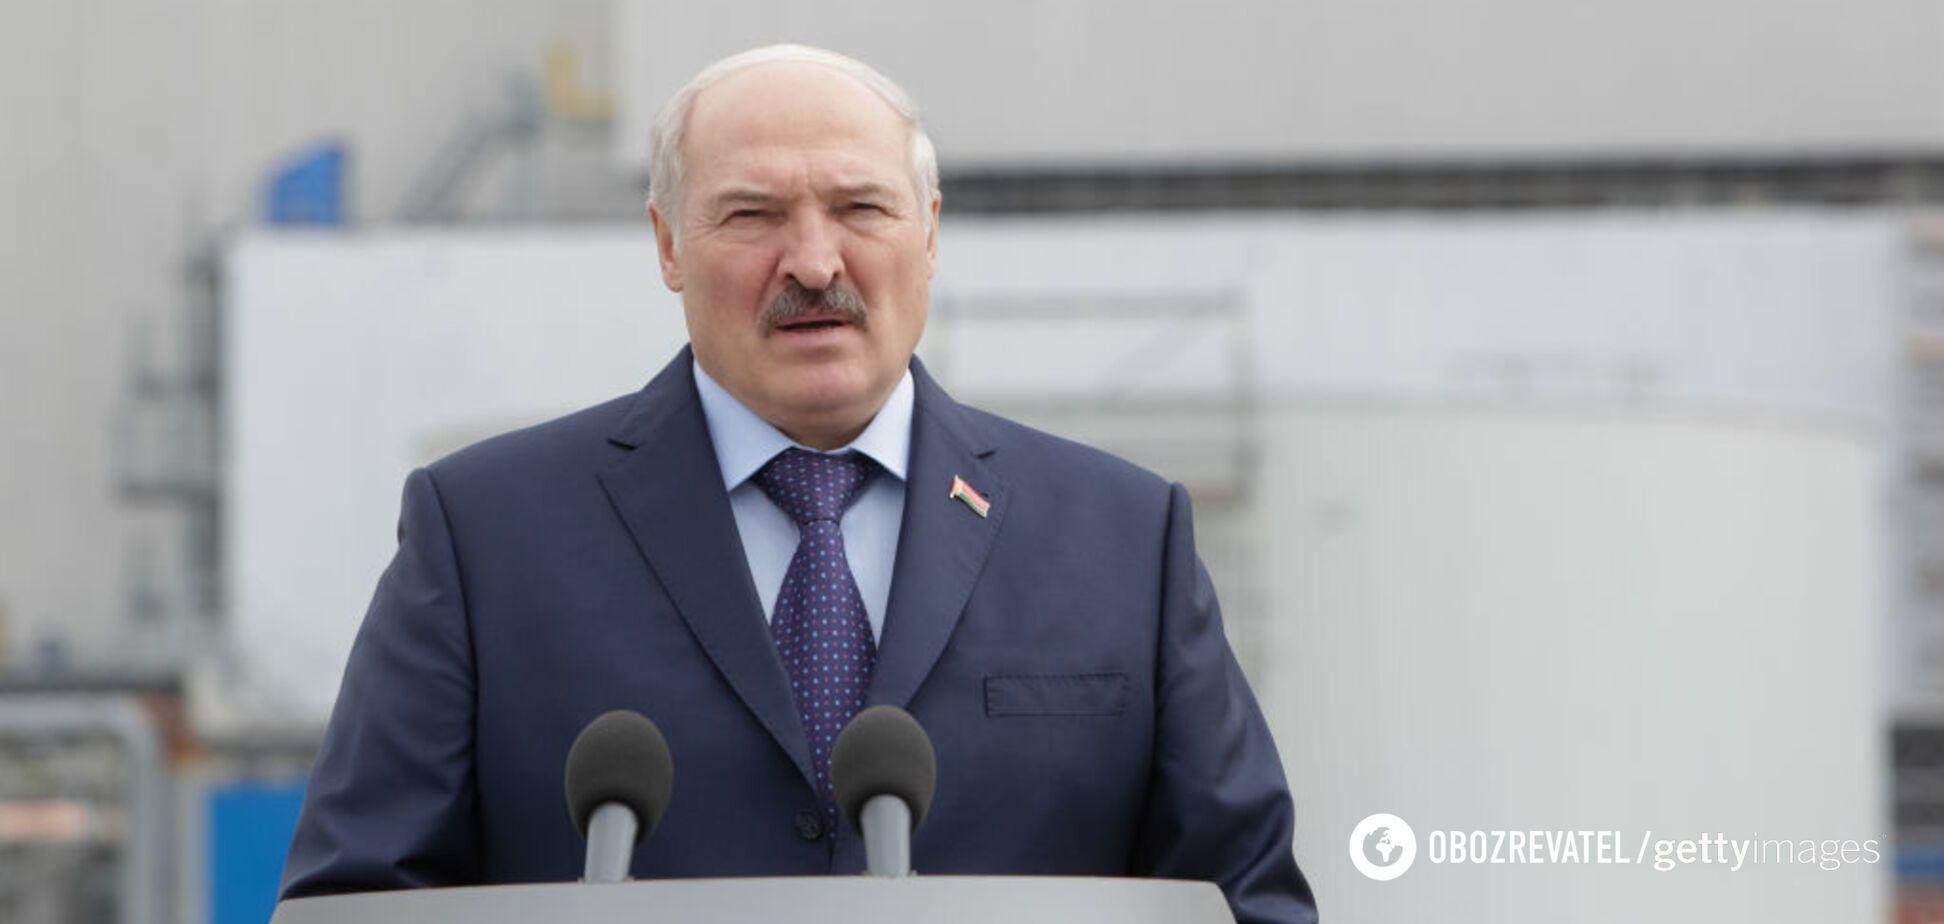 Лукашенко закликав ''братів-росіян'' ставитися до Білорусі ''по-людськи''